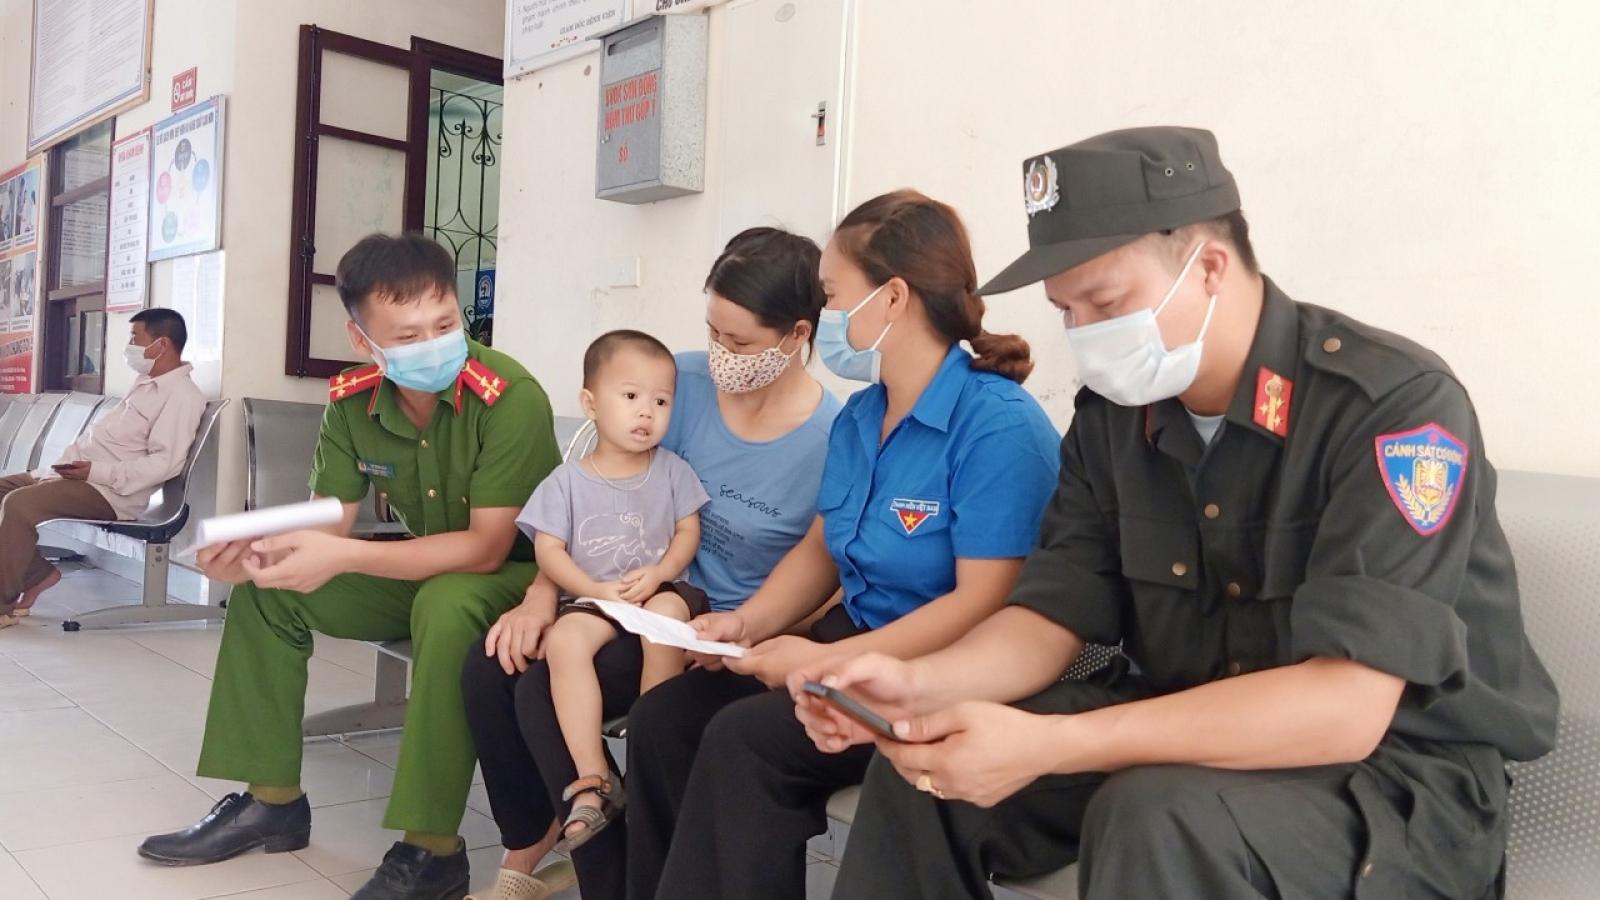 Giọt máu nghĩa tình của các chiến sĩ công an trong vùng phong tỏa ở Bắc Giang